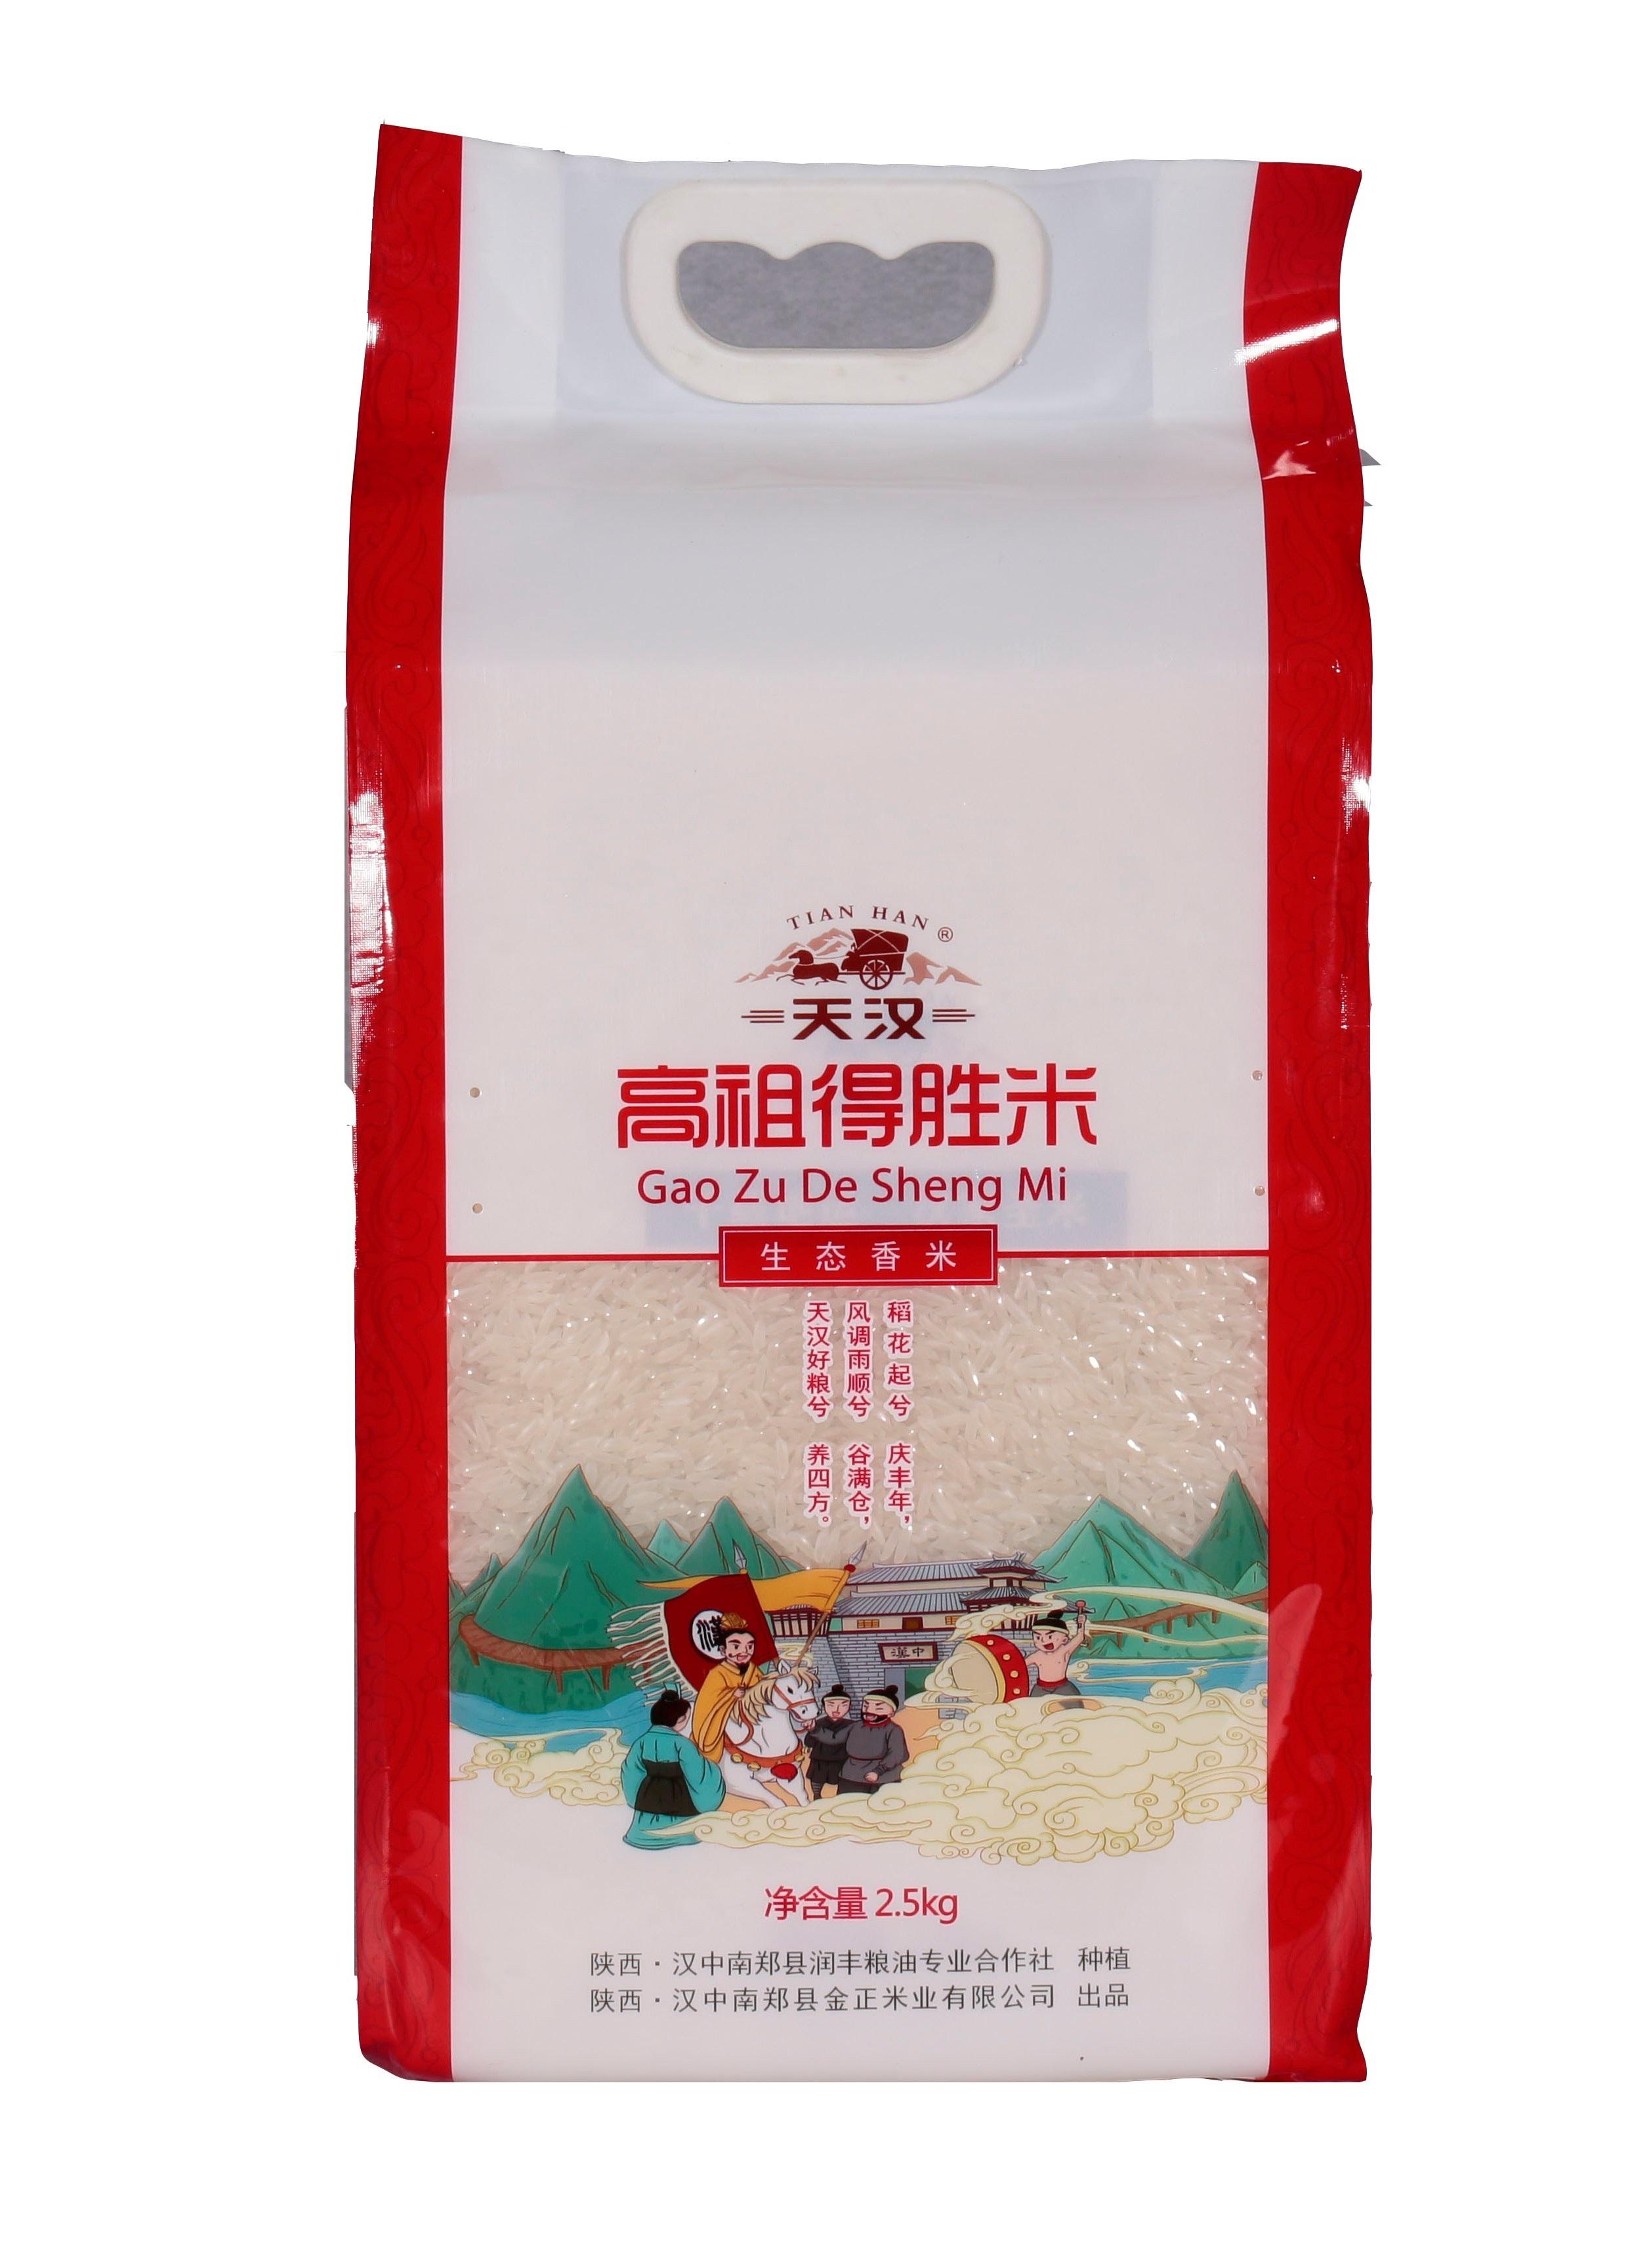 【汉中扶贫馆】南郑县 金正米业 天汉牌高祖得胜米(生态香米)2.5kg/袋